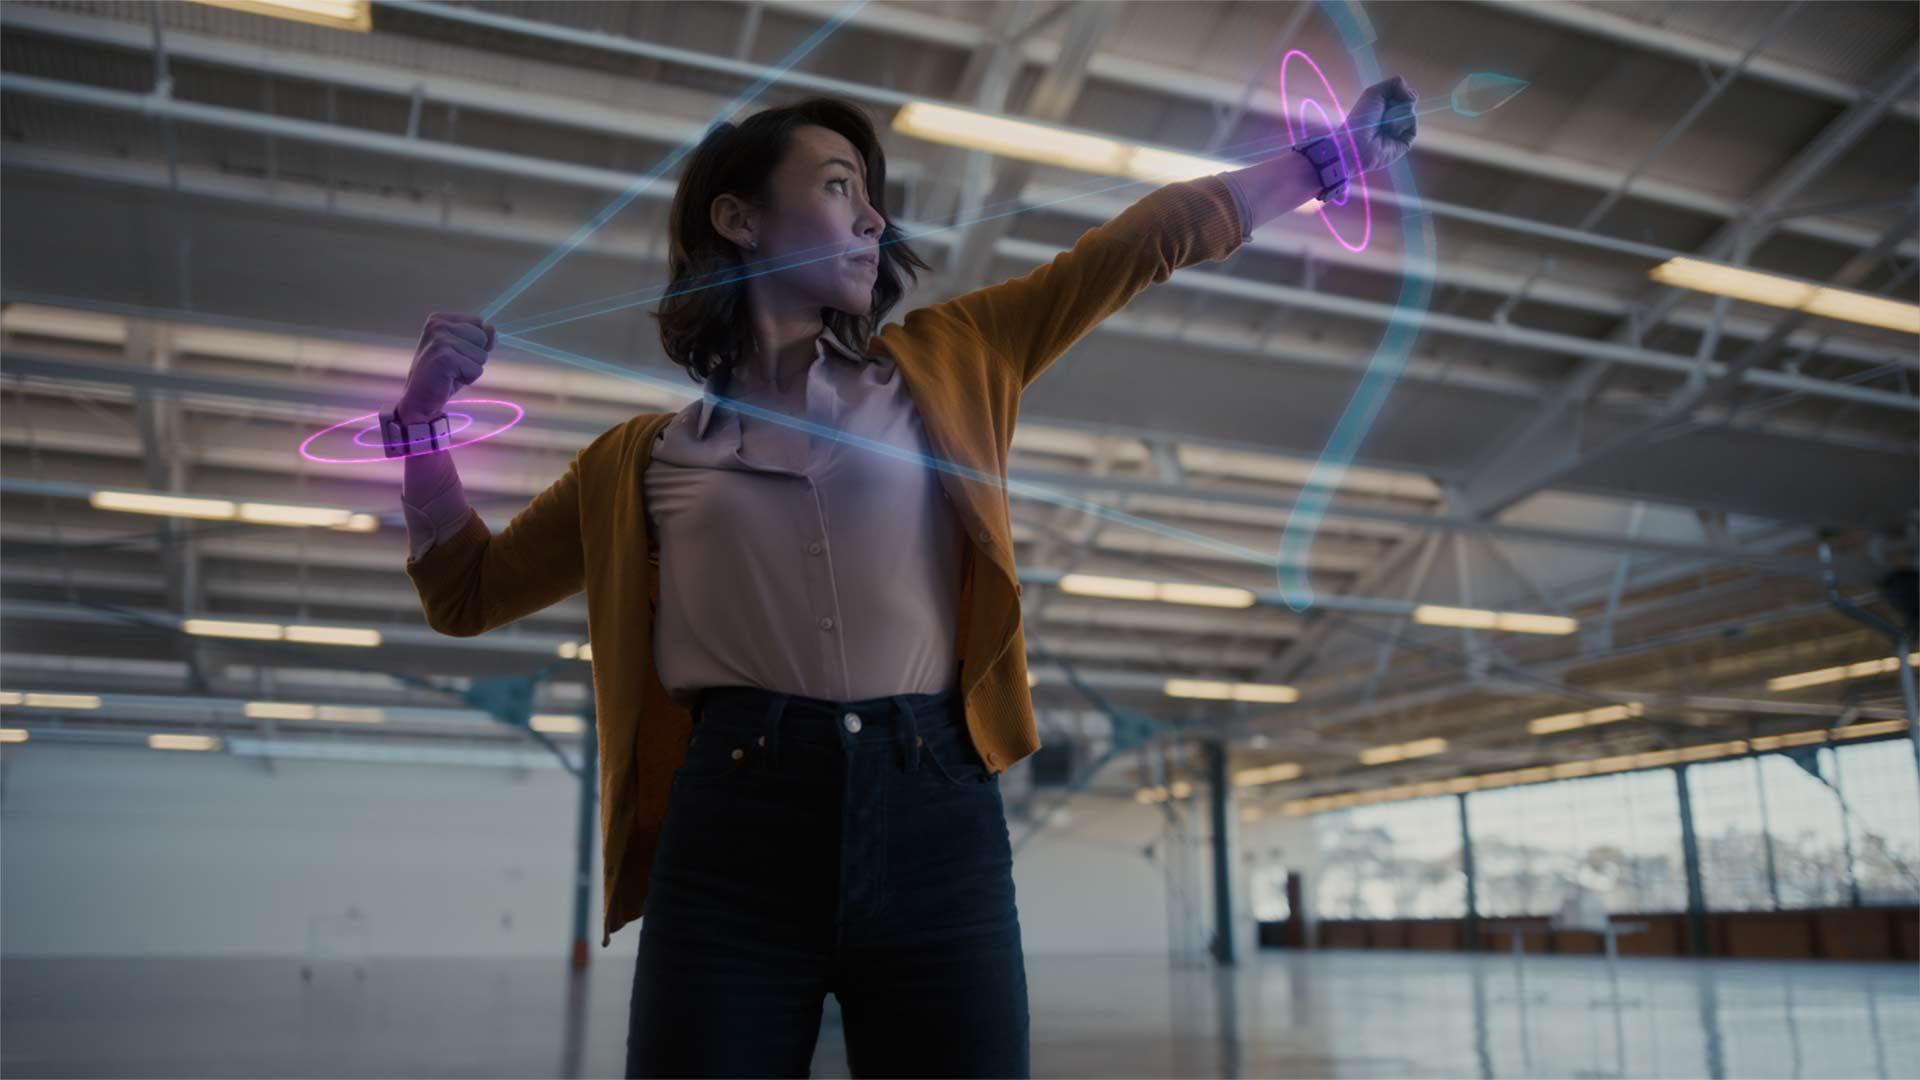 Facebook: intelligenza artificiale, realtà aumentata e wearable. Cosa bolle in pentola?